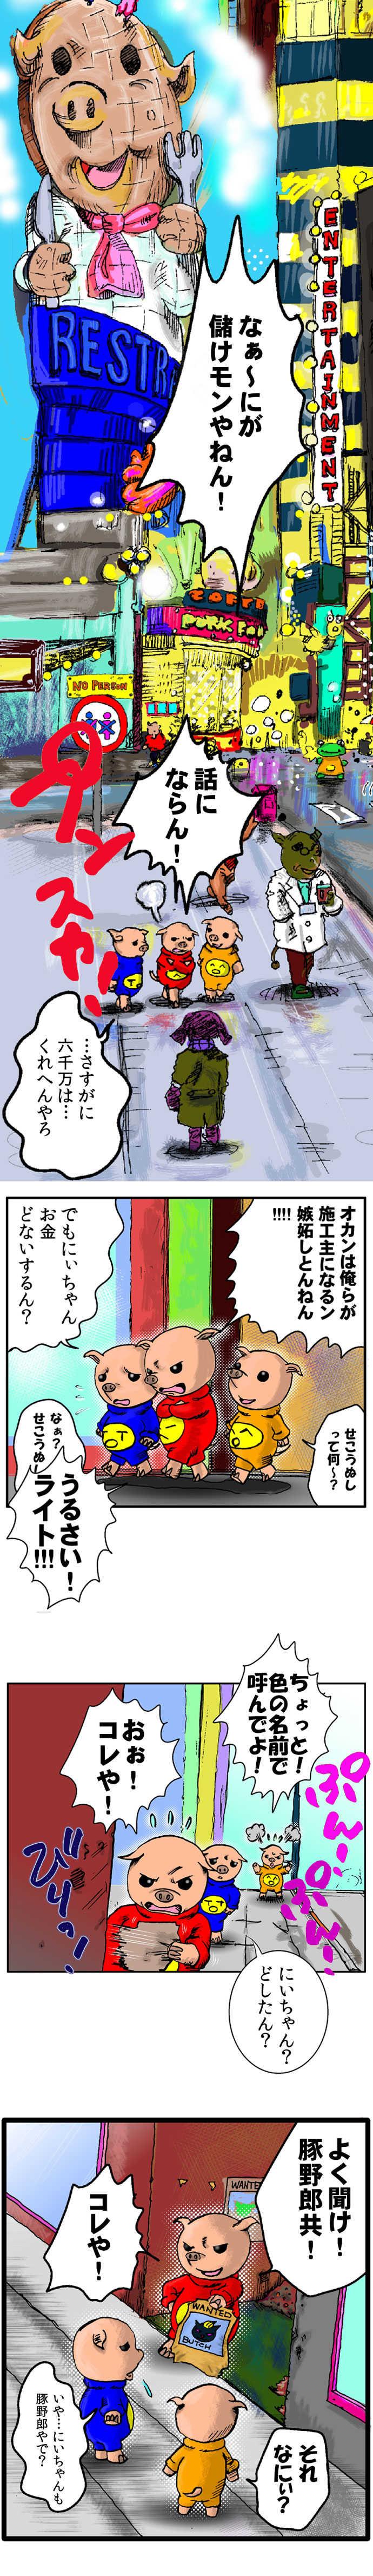 第四話 3 piggy(前篇)